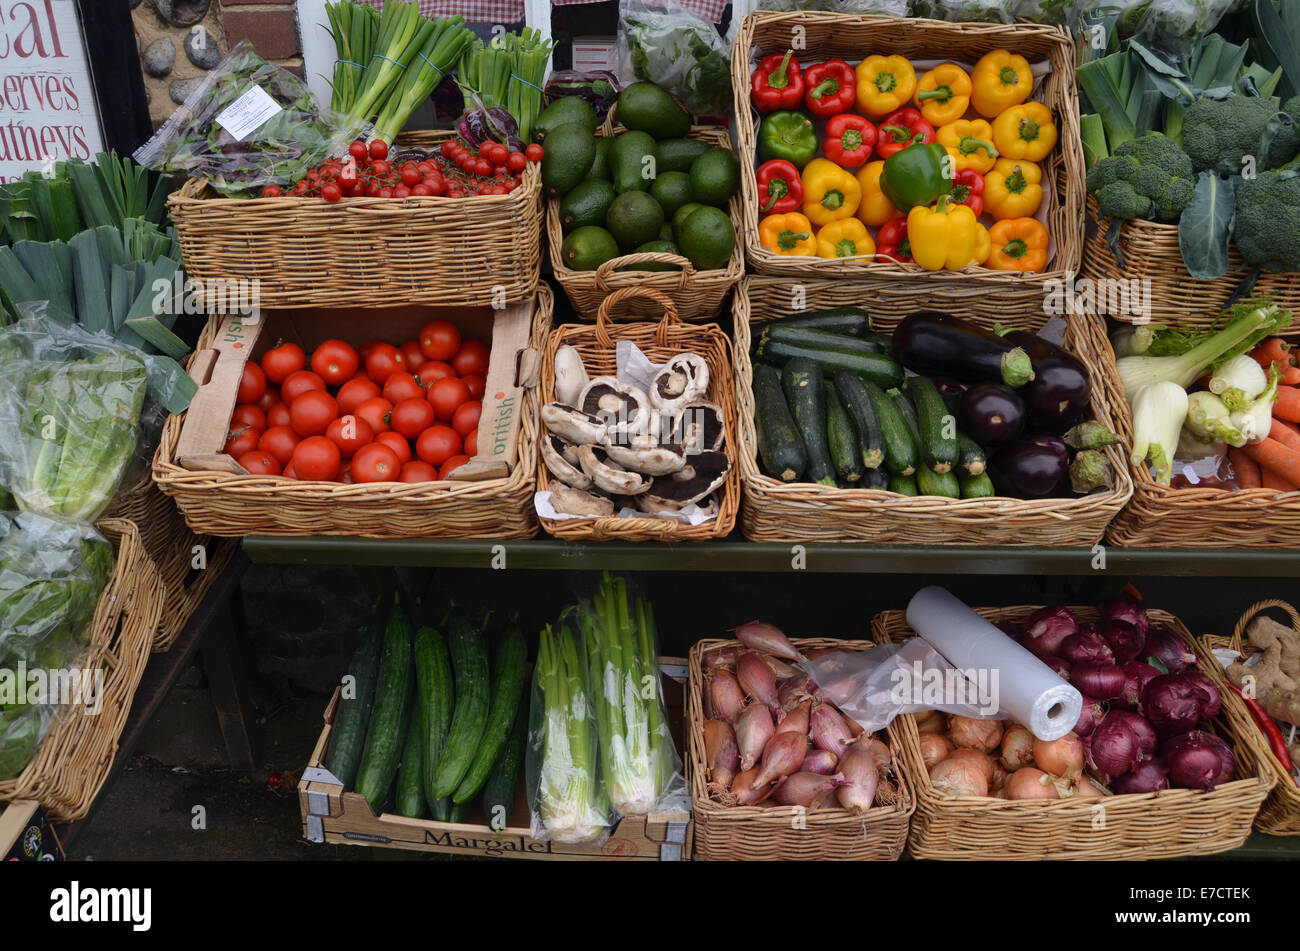 Negozio locale, vende principalmente prodotti locali, Cley accanto al mare, Norfolk Agosto 2014 REGNO UNITO Immagini Stock